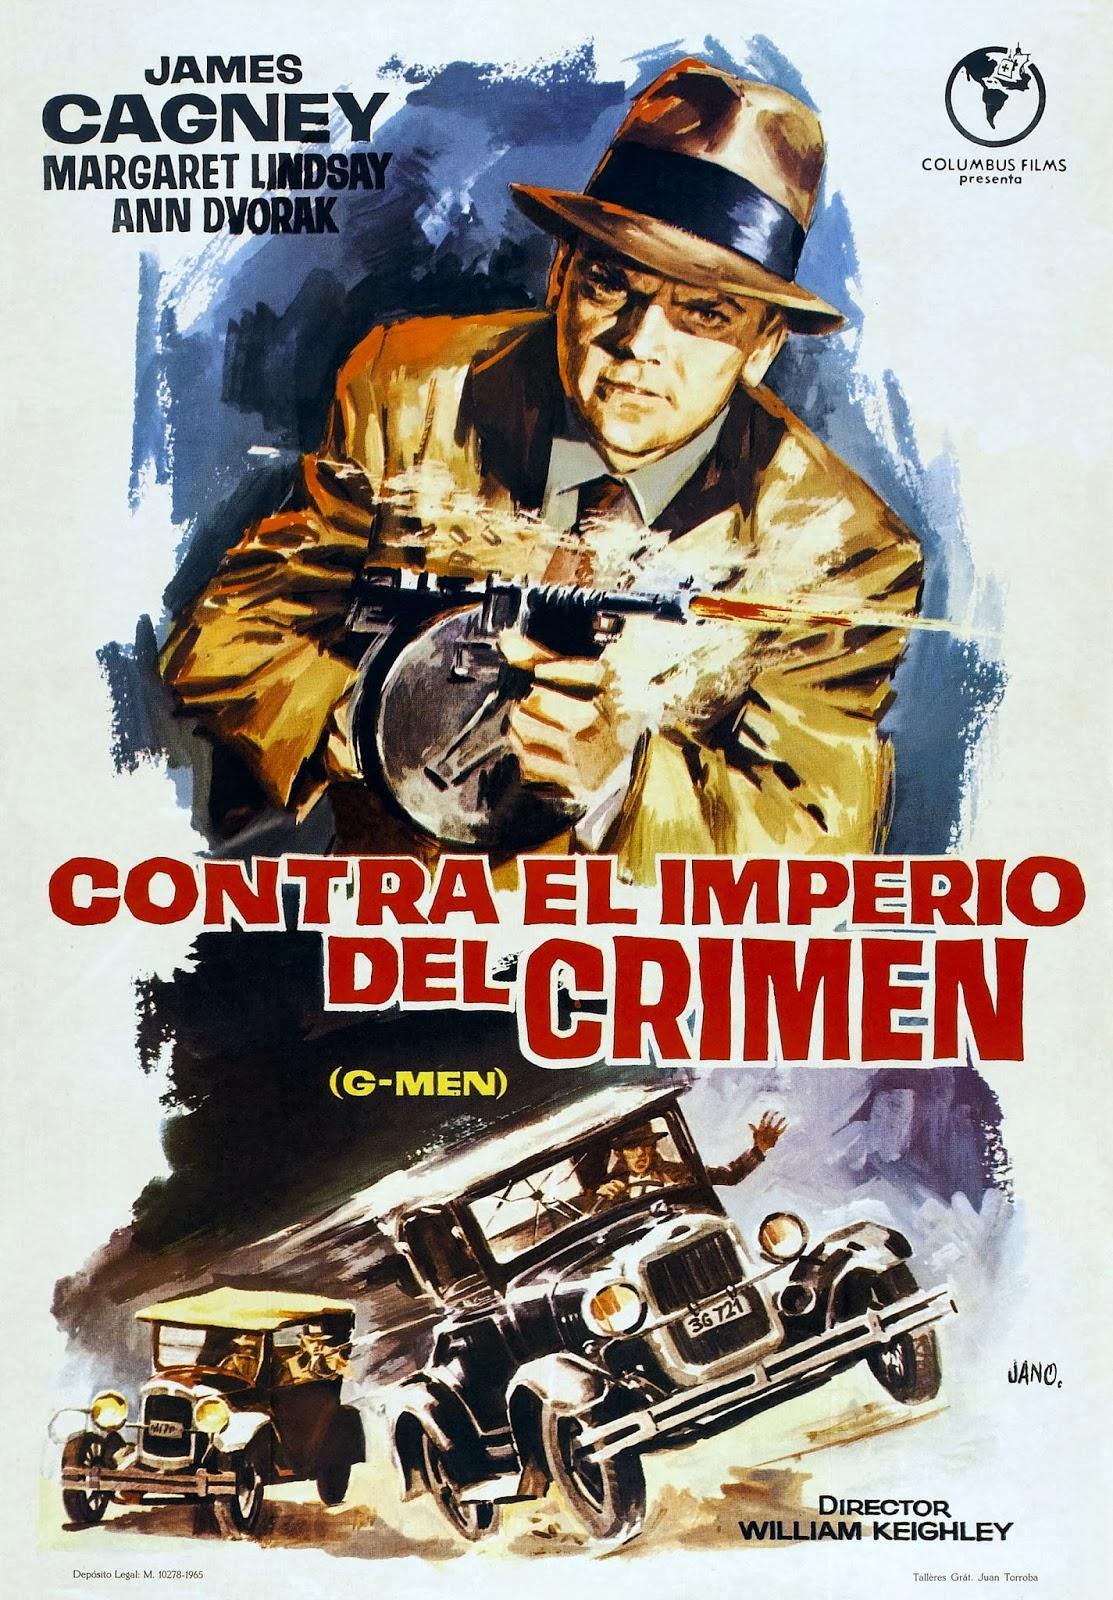 LAS MEJORES PELÍCULAS DE CINE NEGRO SEGÚN POPUHEADS - Página 9 1935+-+Contra+el+imperio+del+crimen+-+%5C'G%5C'+Men+-+Español